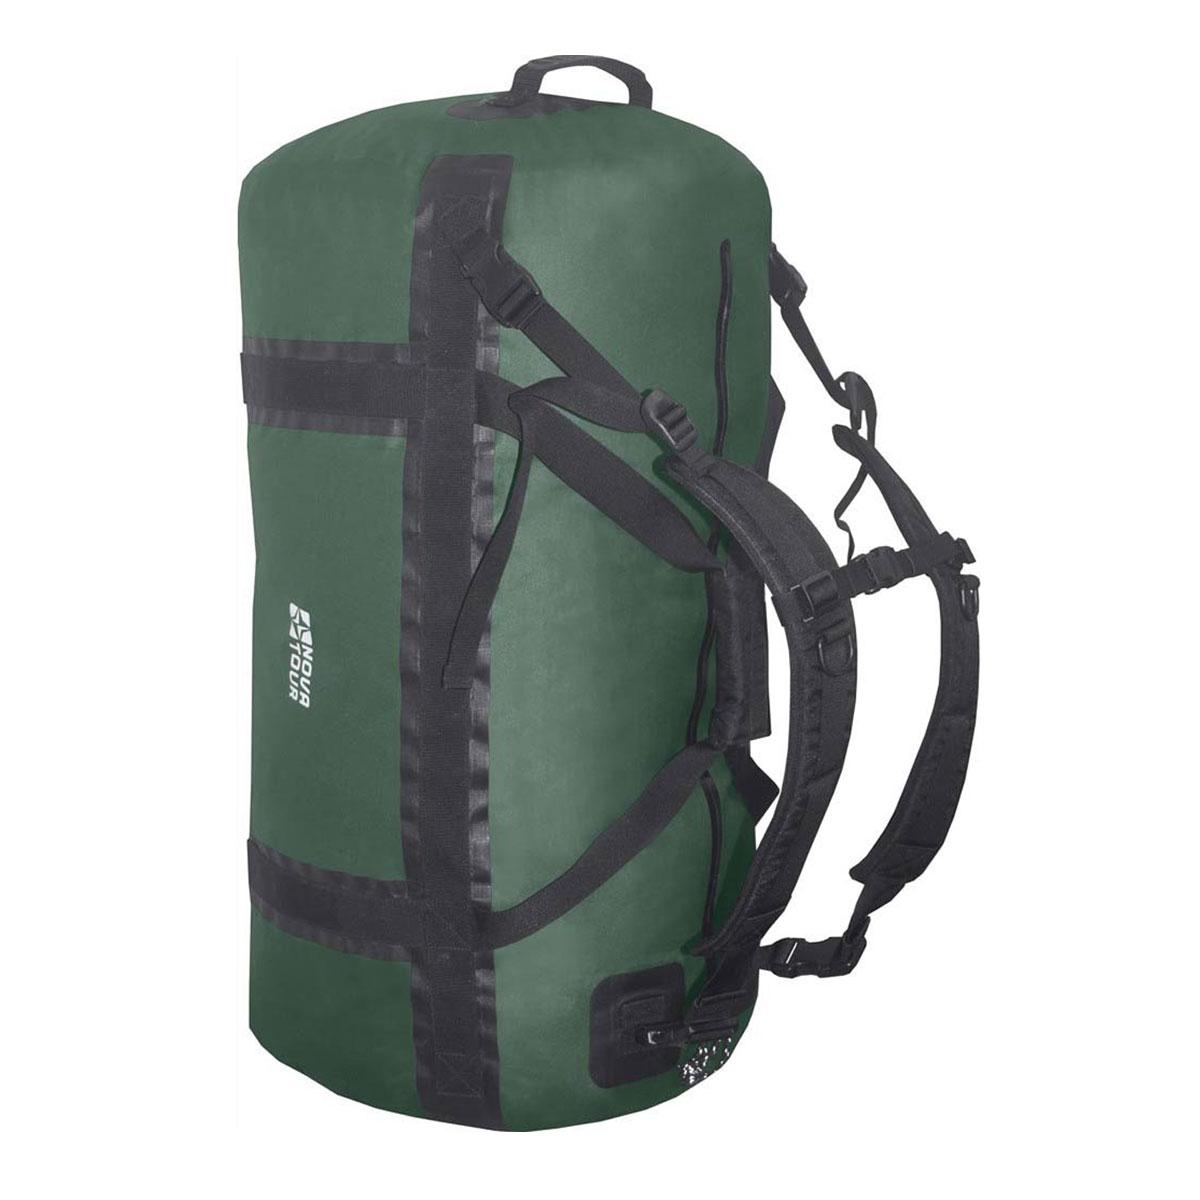 Баул водонепроницаемый Nova Tour  Кашалот 45 , цвет: зеленый. 95148-304-00 - Туристические рюкзаки